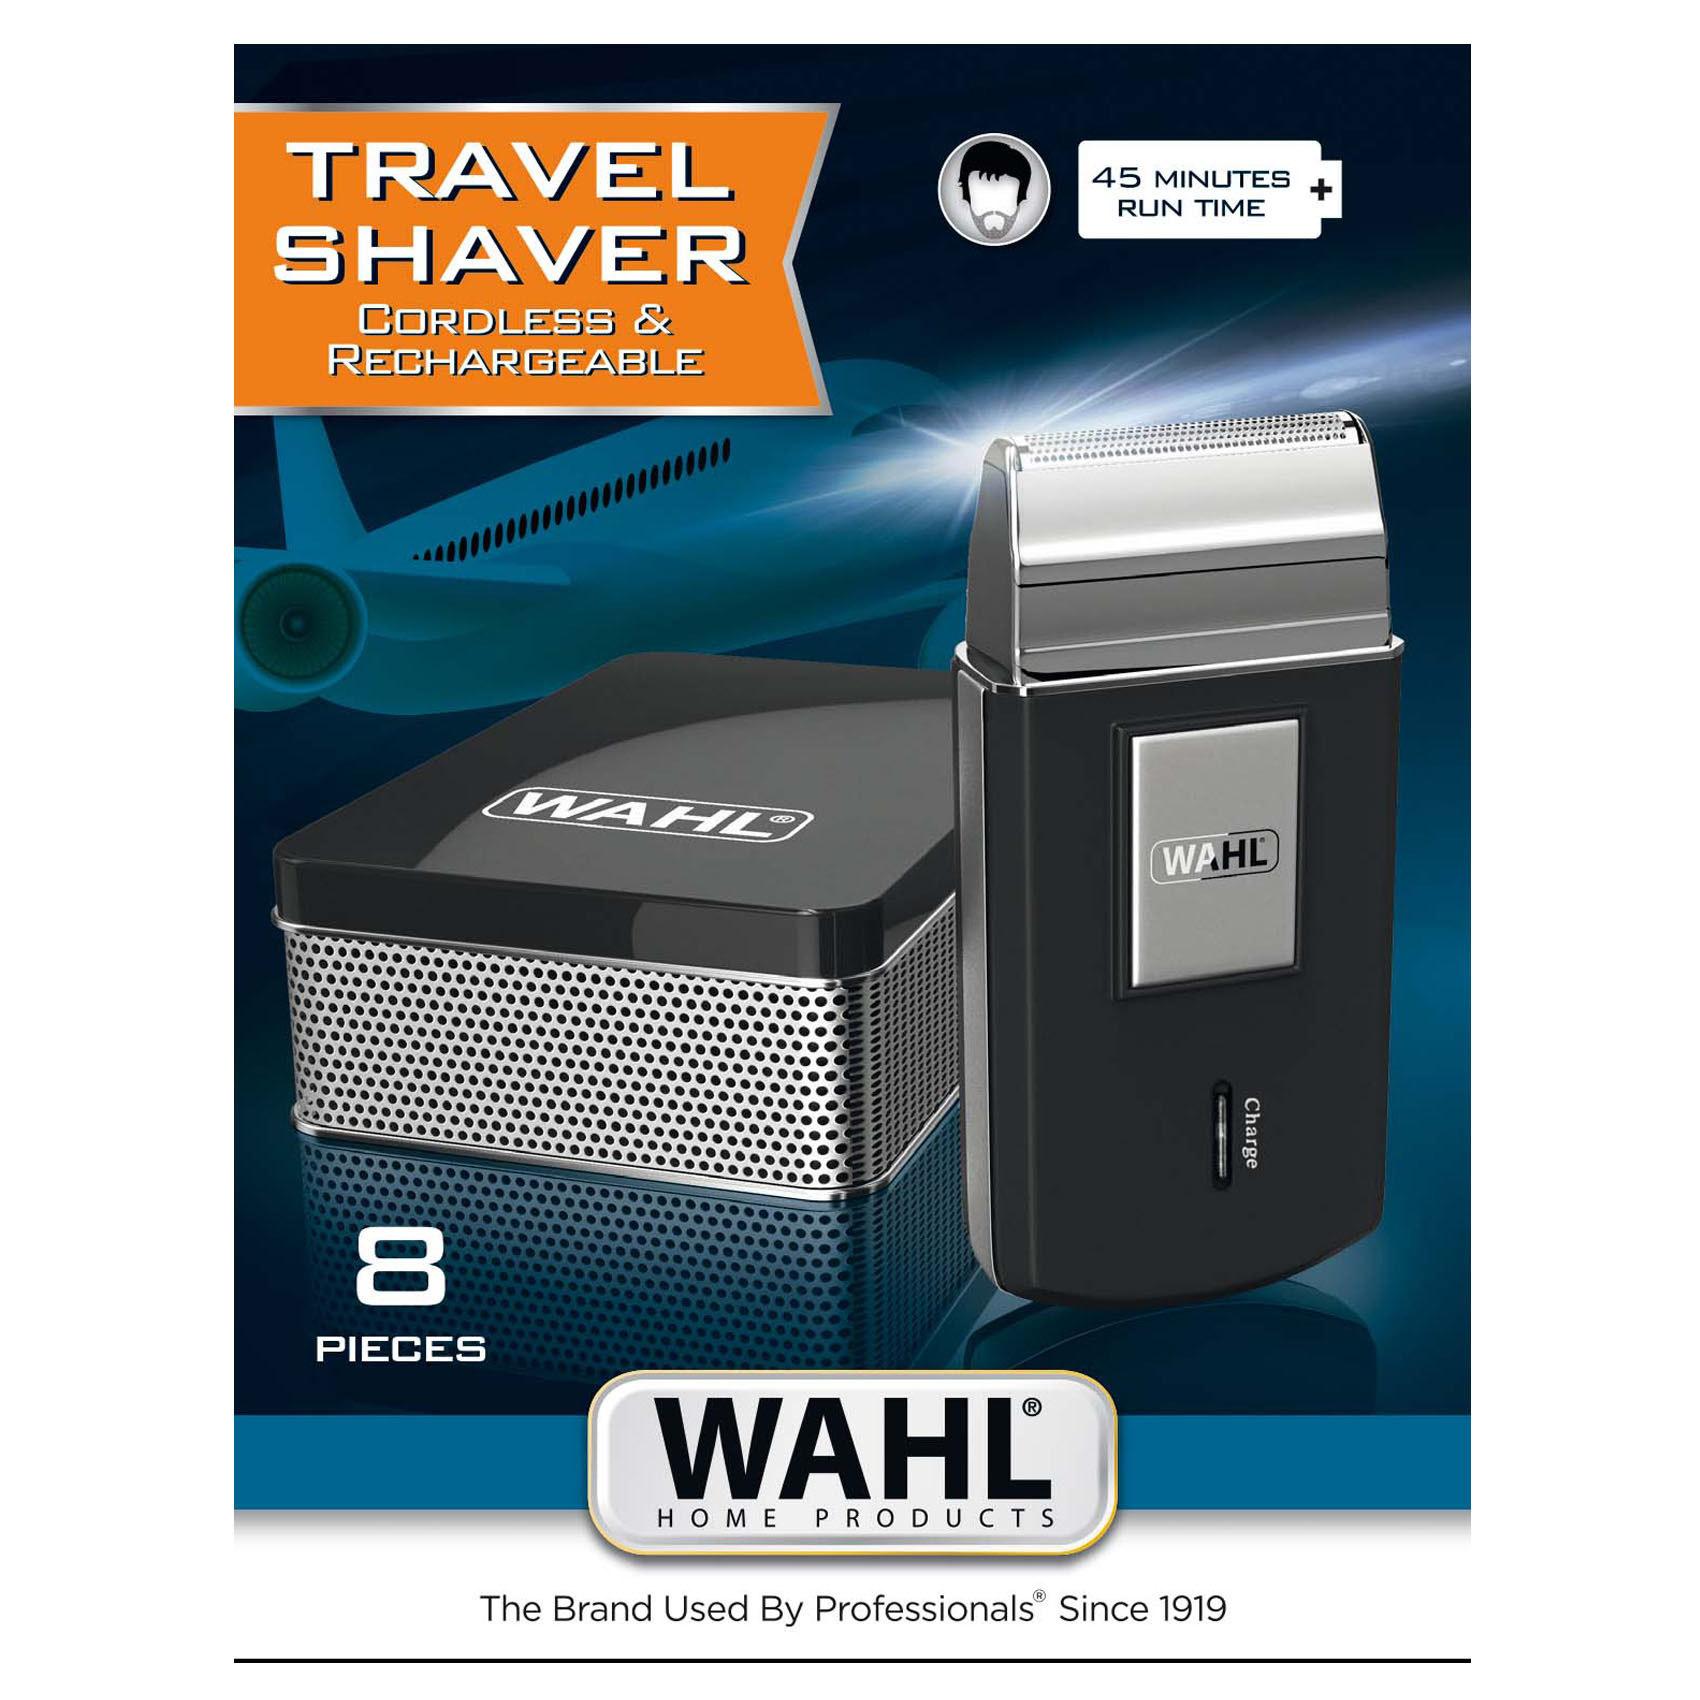 WAHL SHAVER TRAVEL 3615-0371